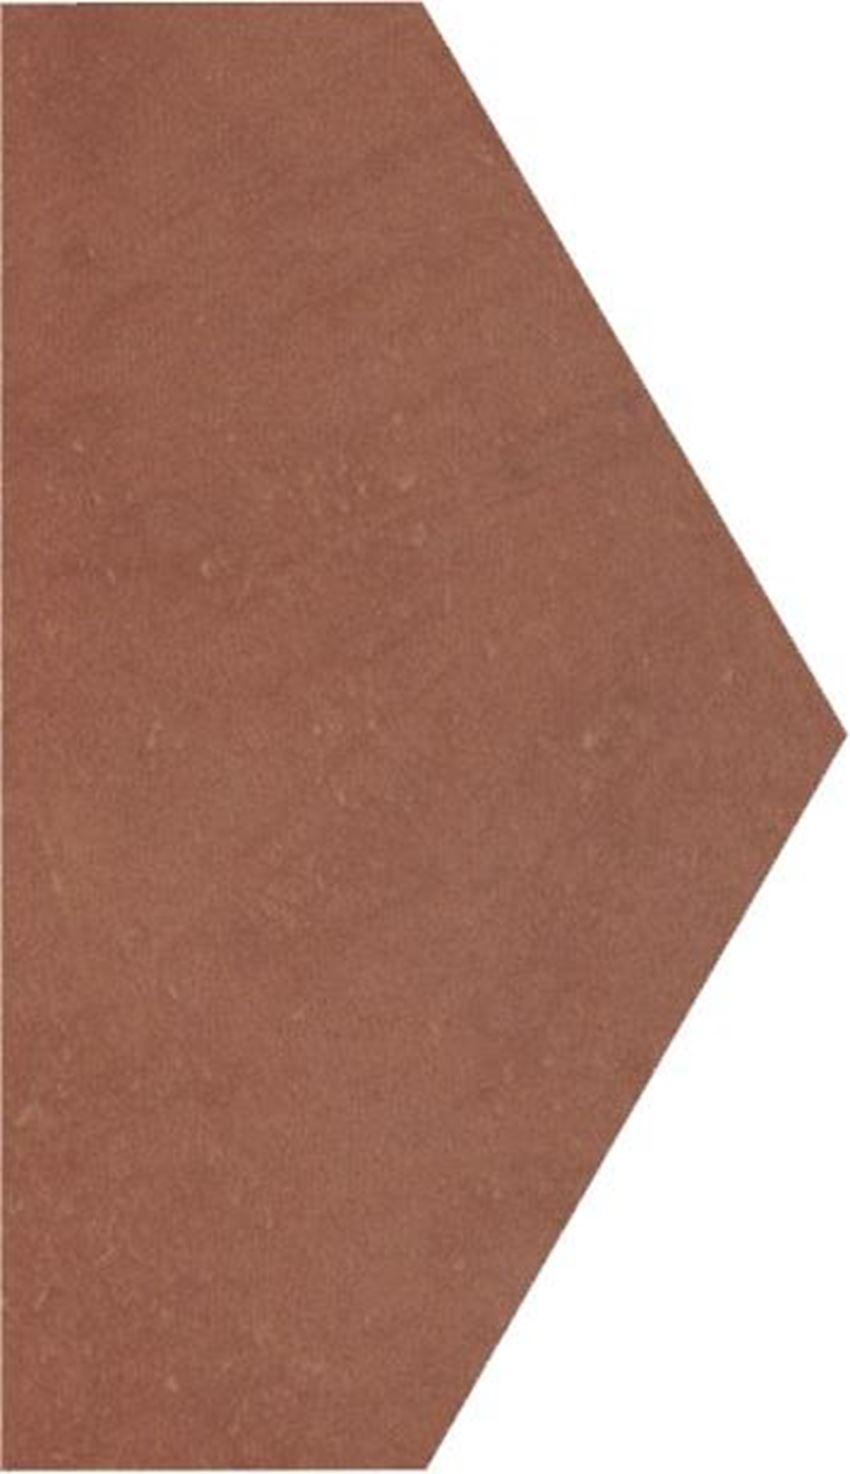 Dekoracja podłogowa 14,8x26 cm Paradyż Cotto Naturale Połowa